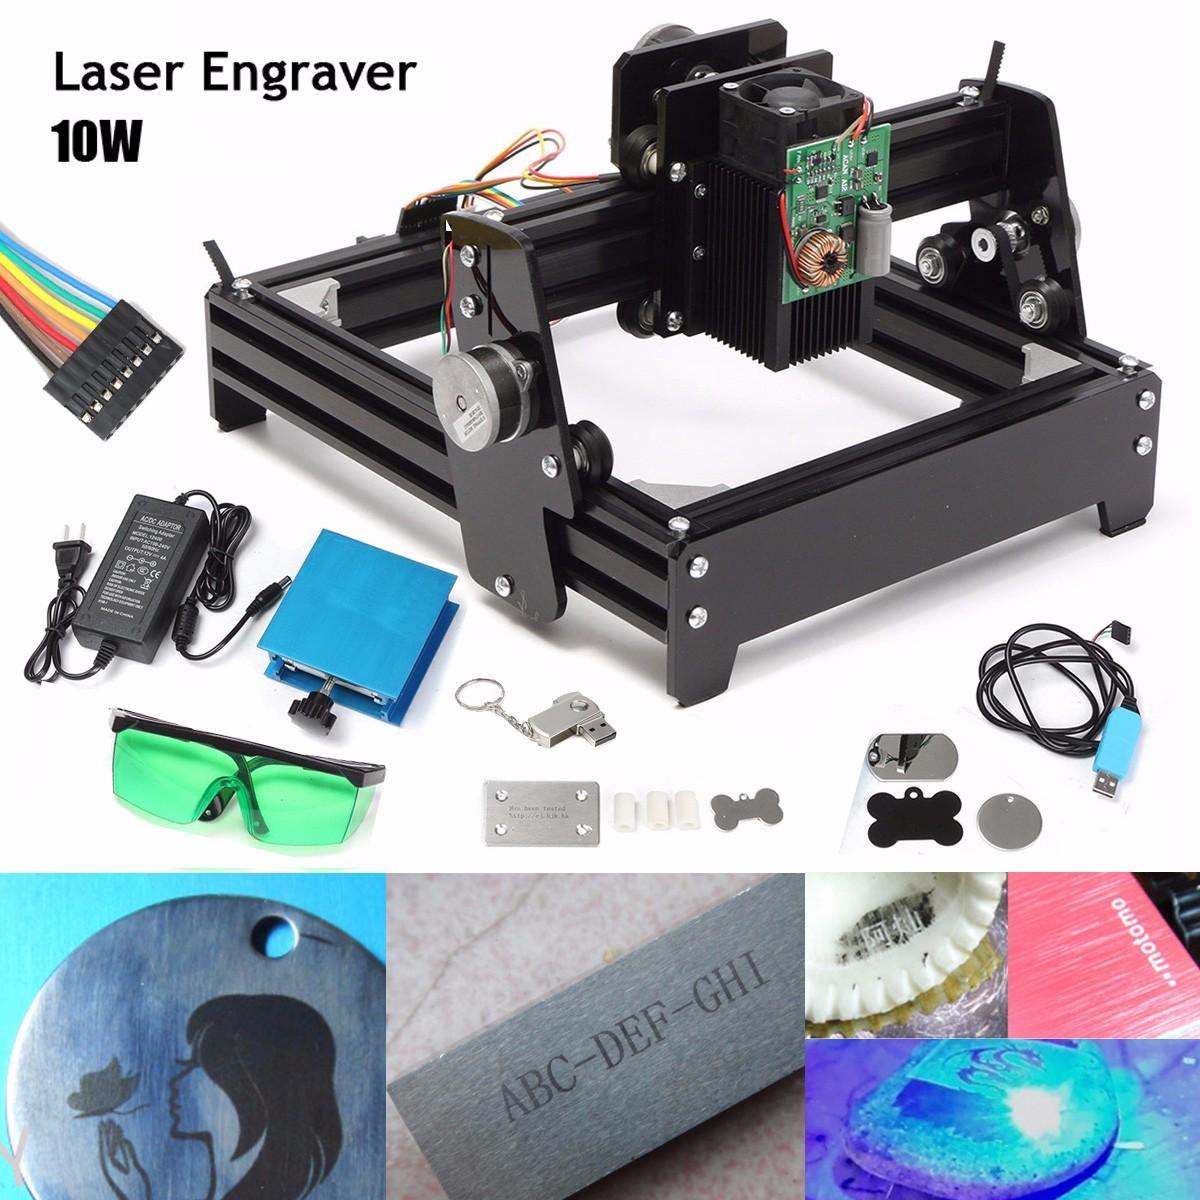 10W Laser Power 10000MW Laser Metal Engraving Machine 14 x 20cm Metal Marking Machine DIY CNC Router DC 12V 4A ipg 1 mj ylp series high average power fiber laser of laser marking machine